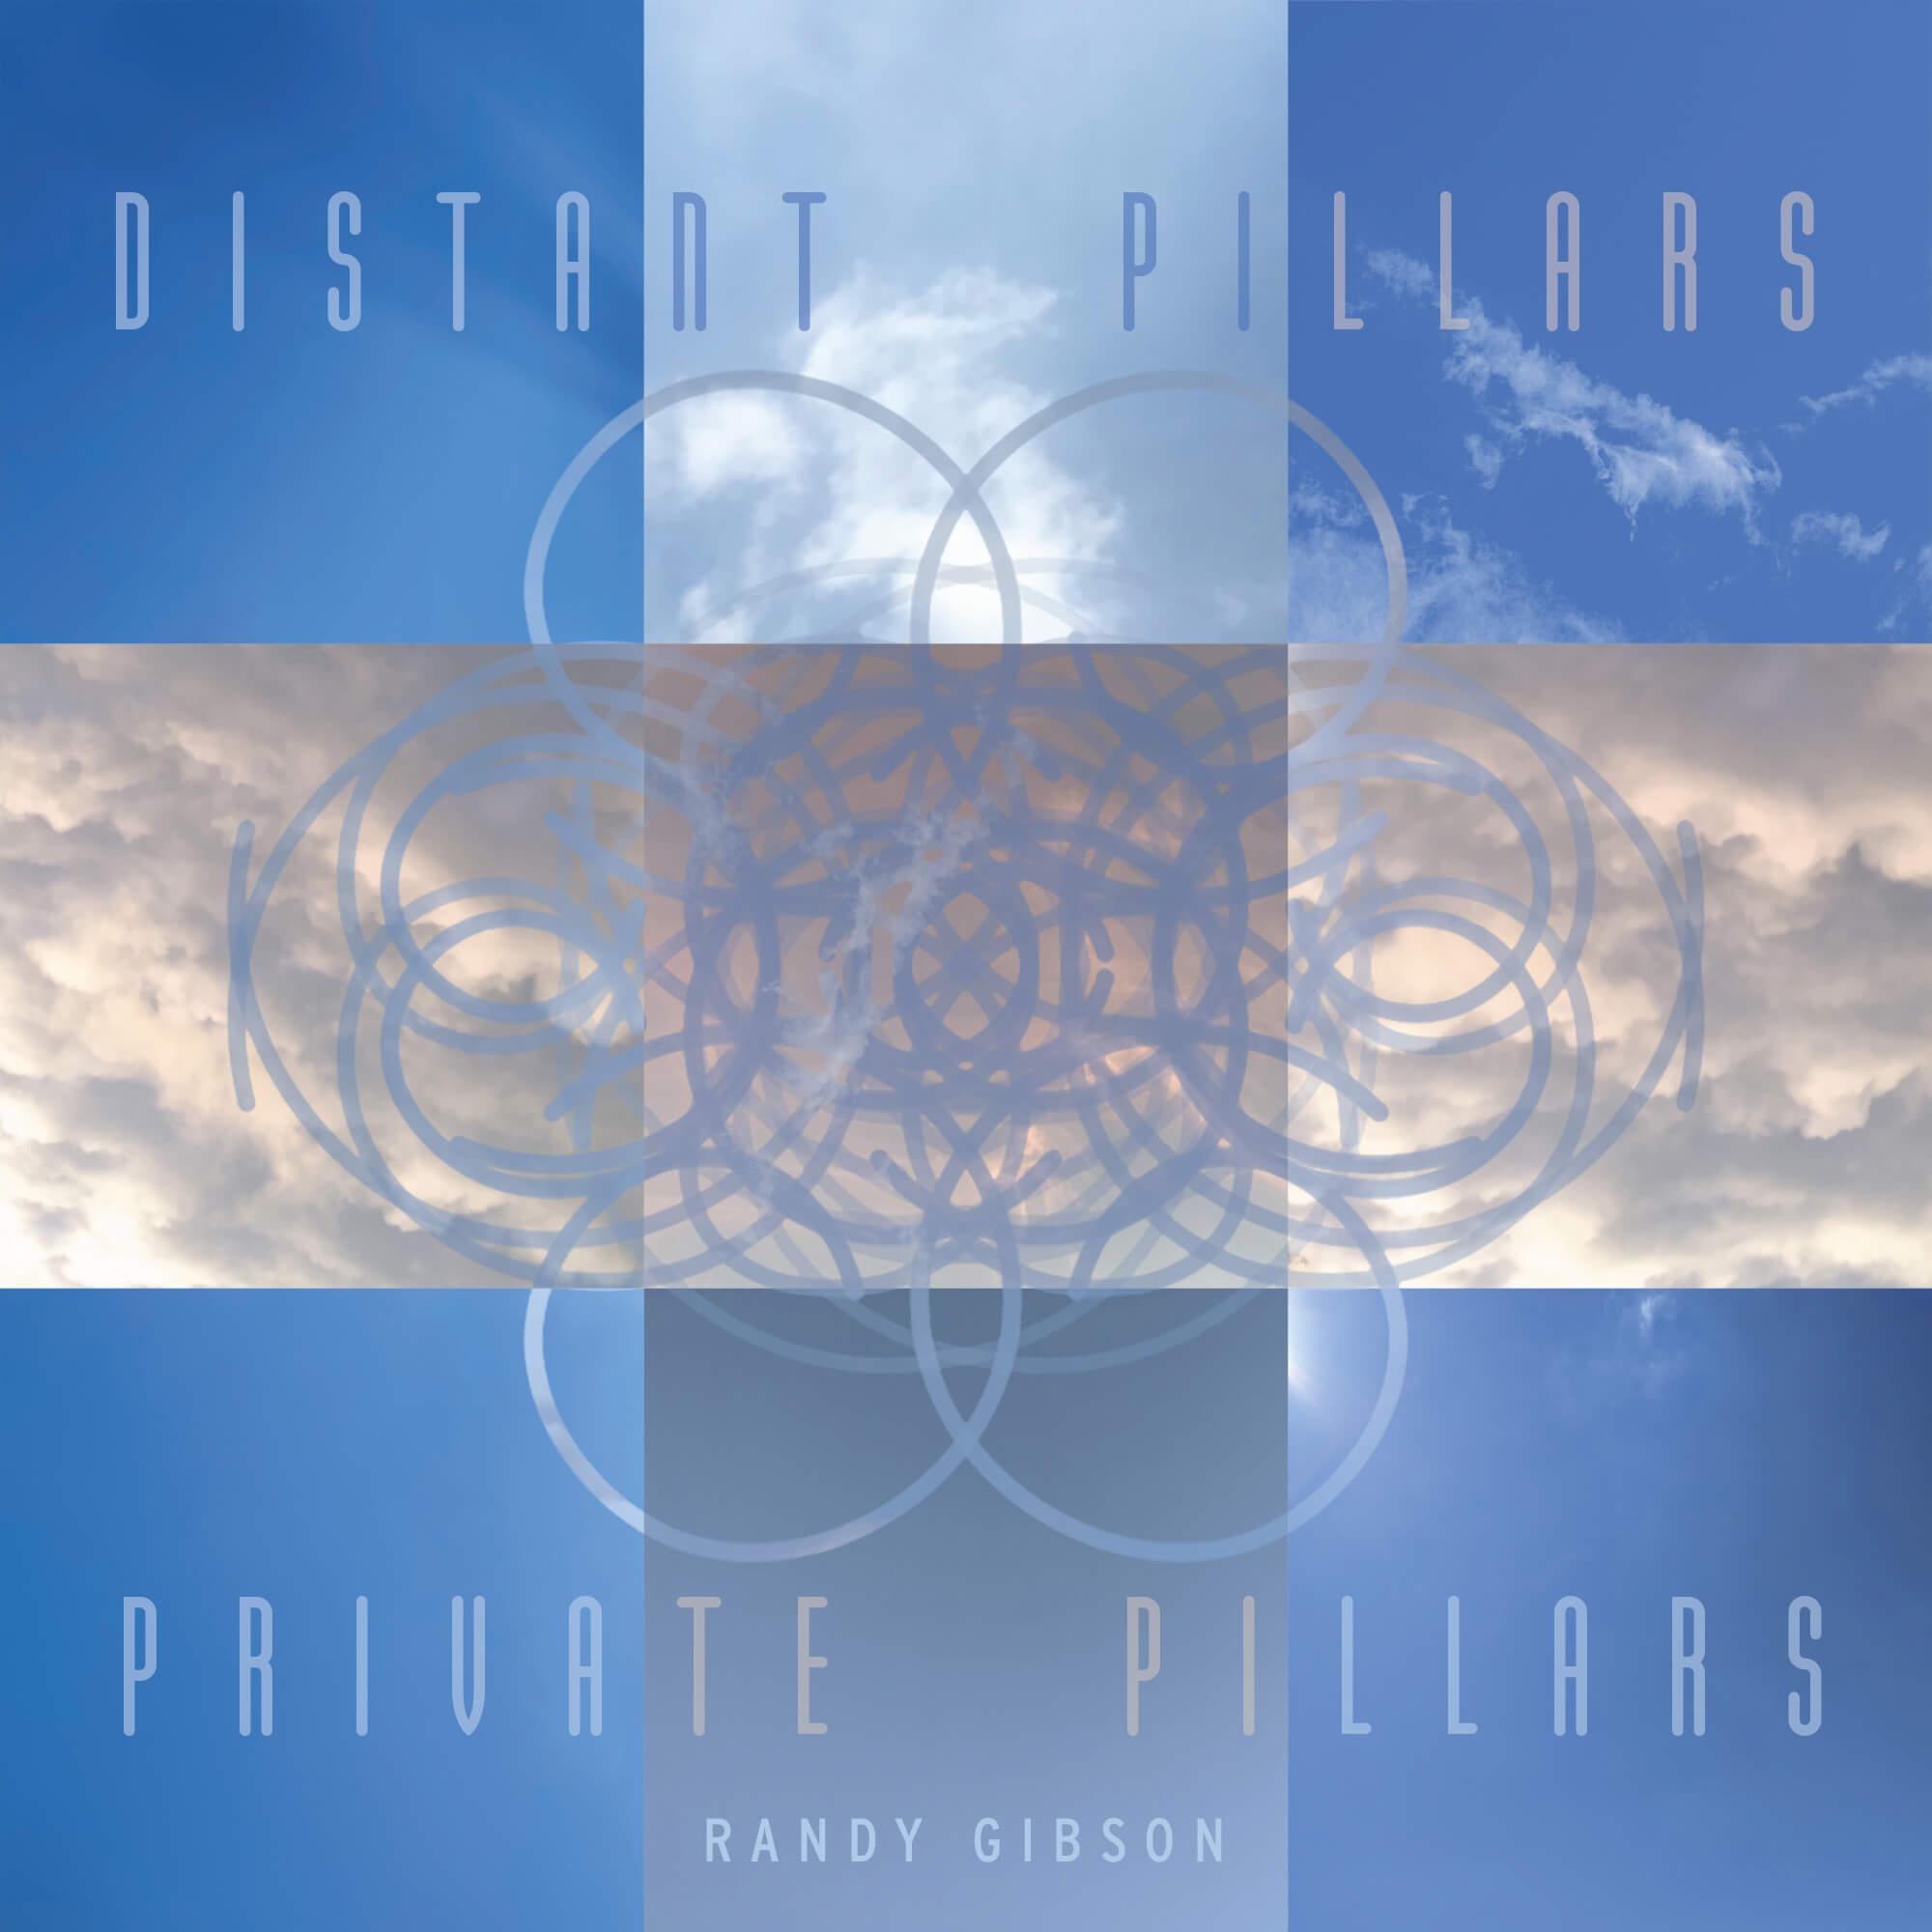 Randy Gibson's <em>Distant Pillars, Private Pillars</em>